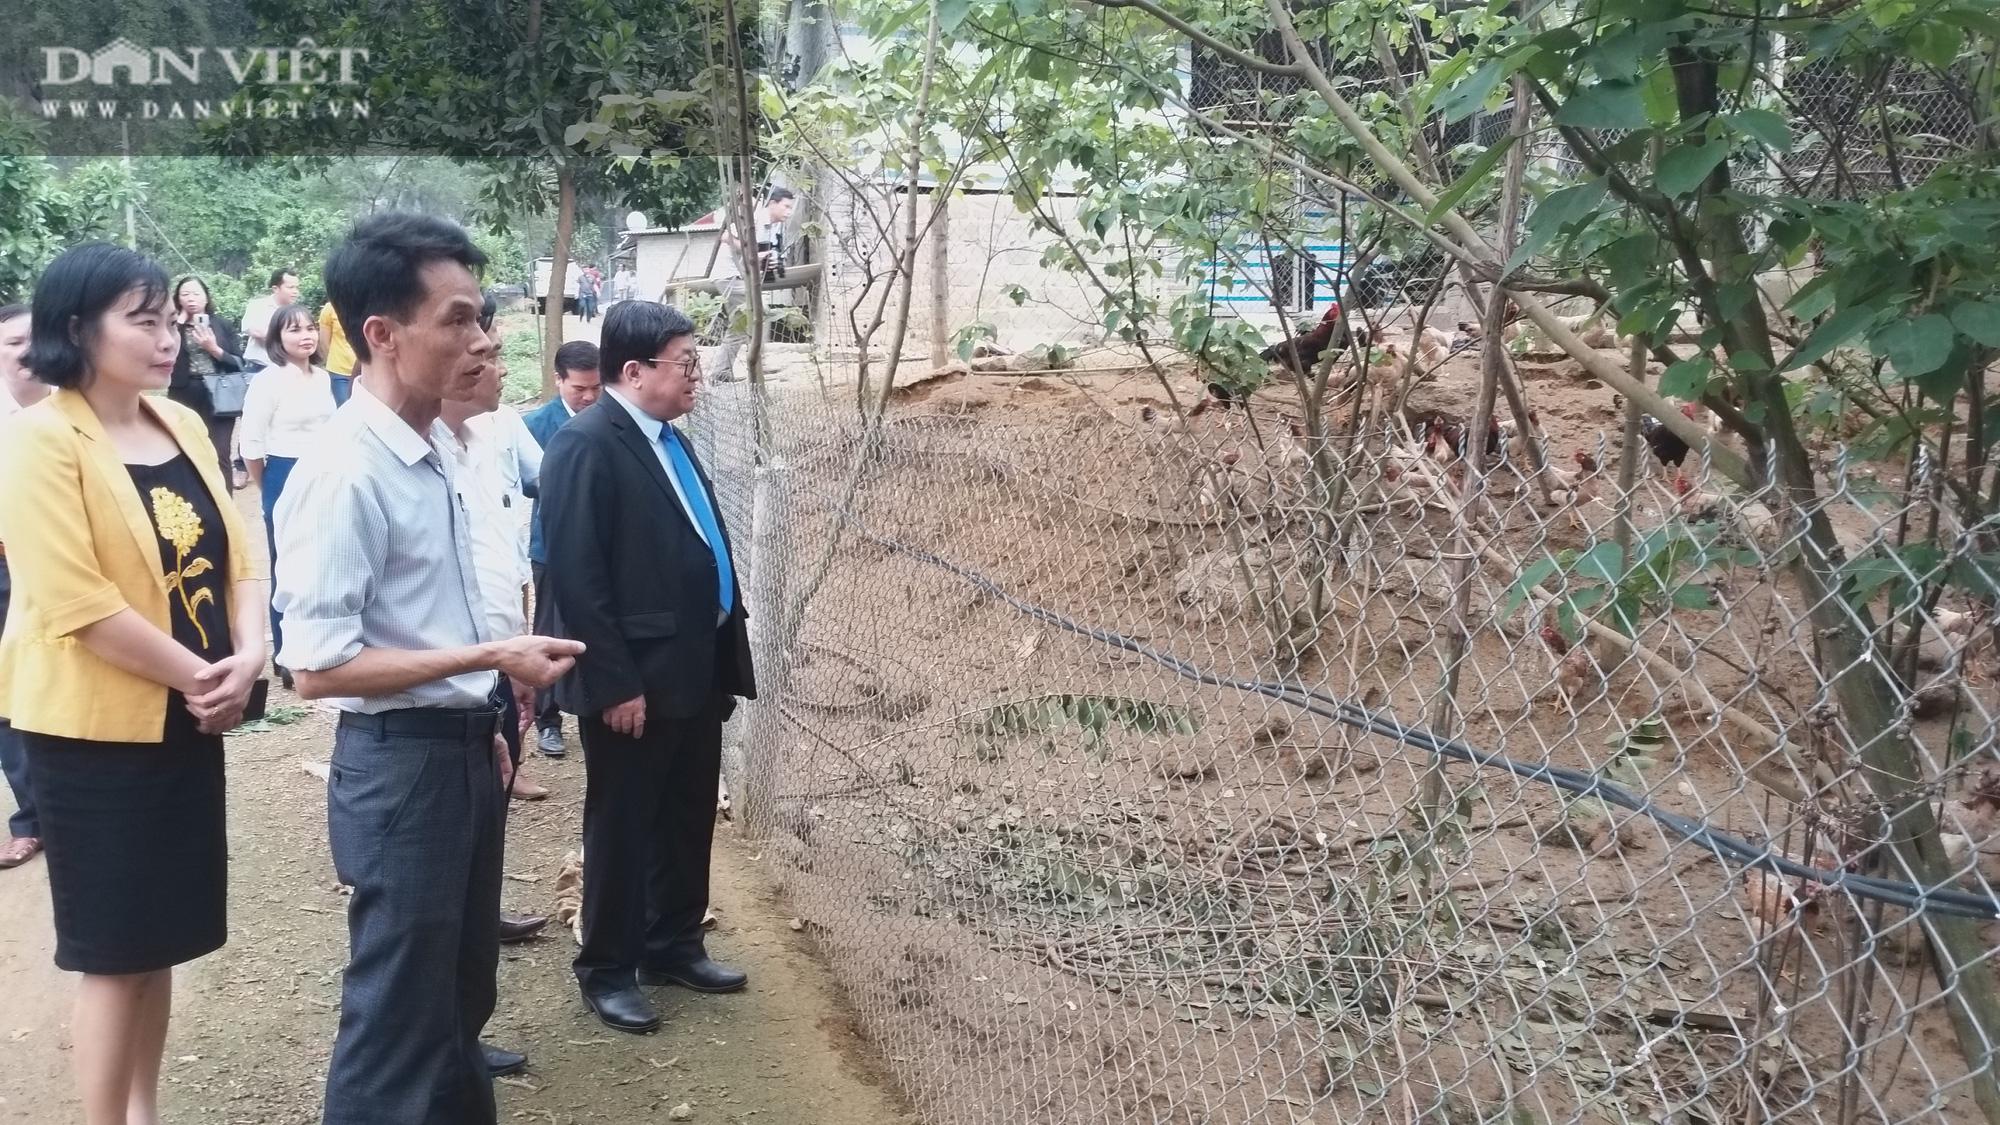 Chủ tịch Hội Nông dân Việt Nam vào hàng đá thăm trang trại nuôi con đặc sản năm thu gần 7 tỷ đồng - Ảnh 2.